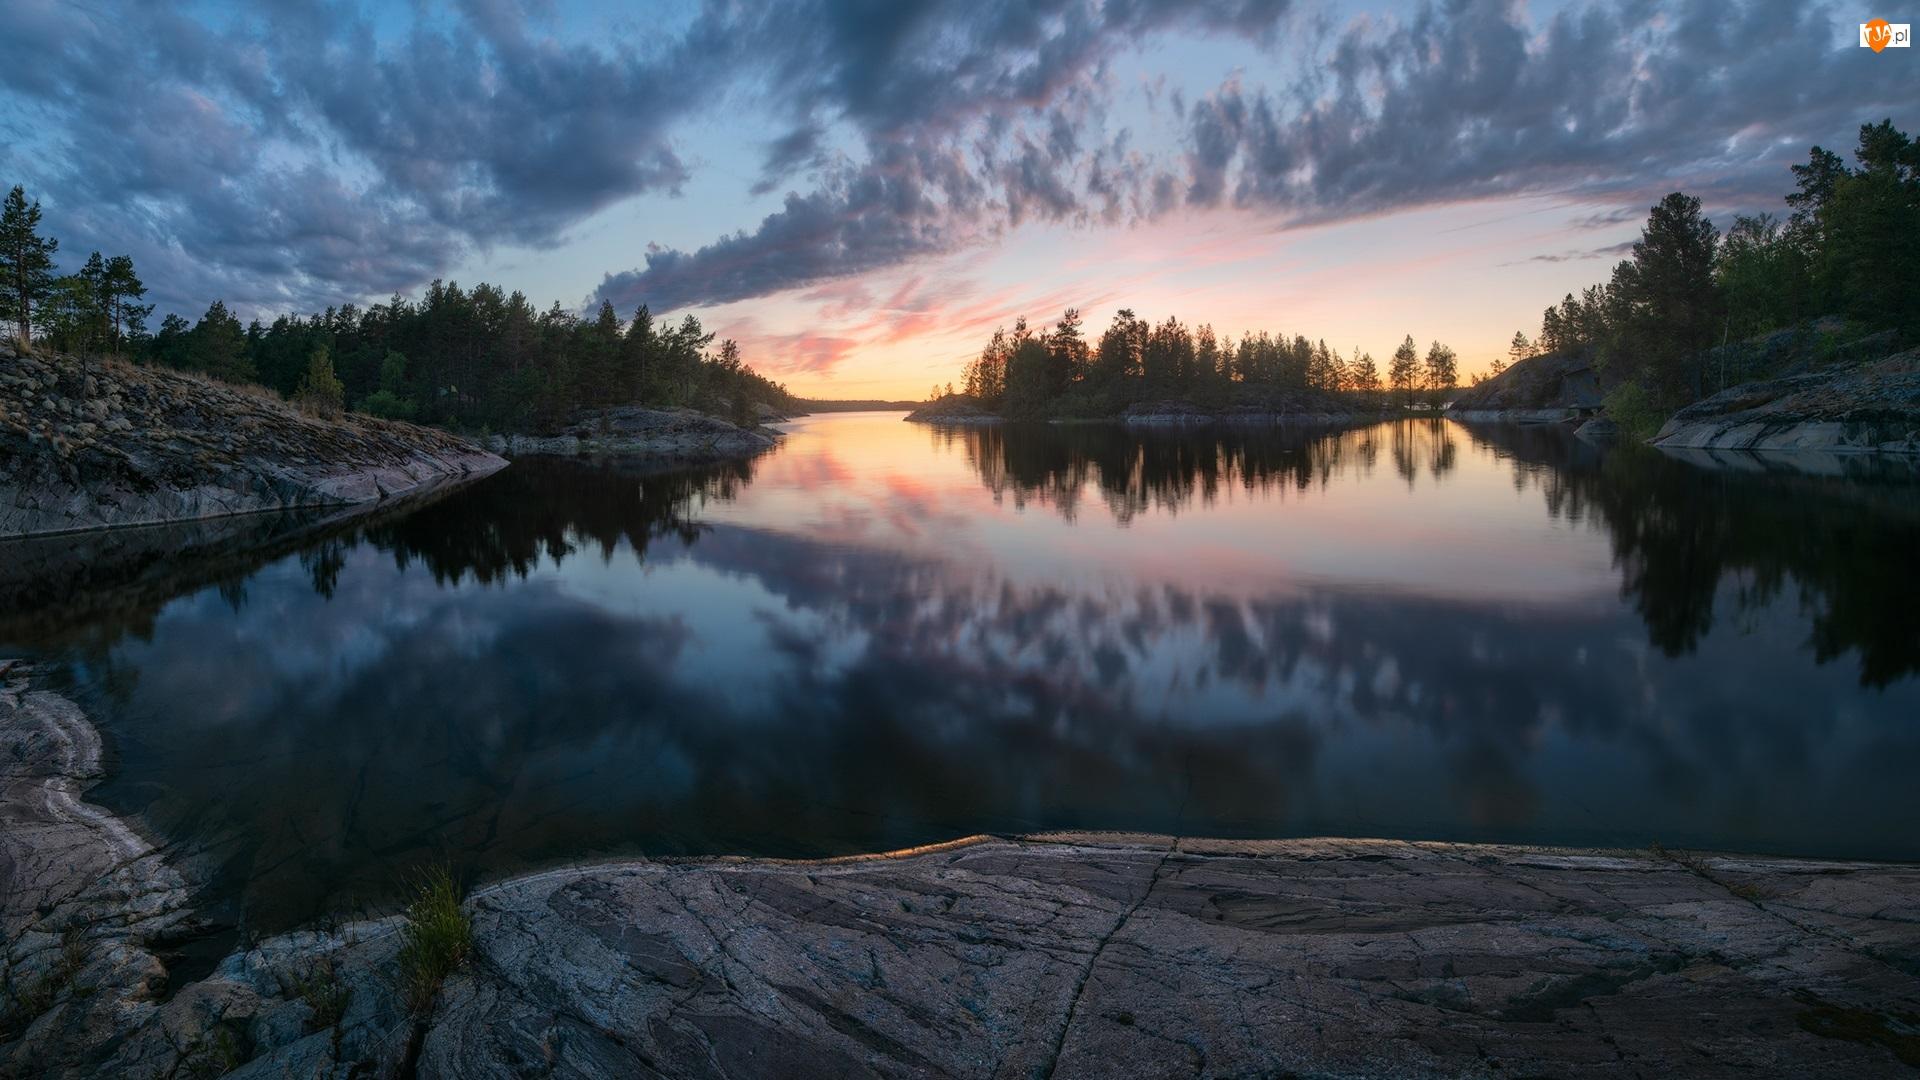 Zachód słońca, Drzewa, Skały, Jezioro, Chmury